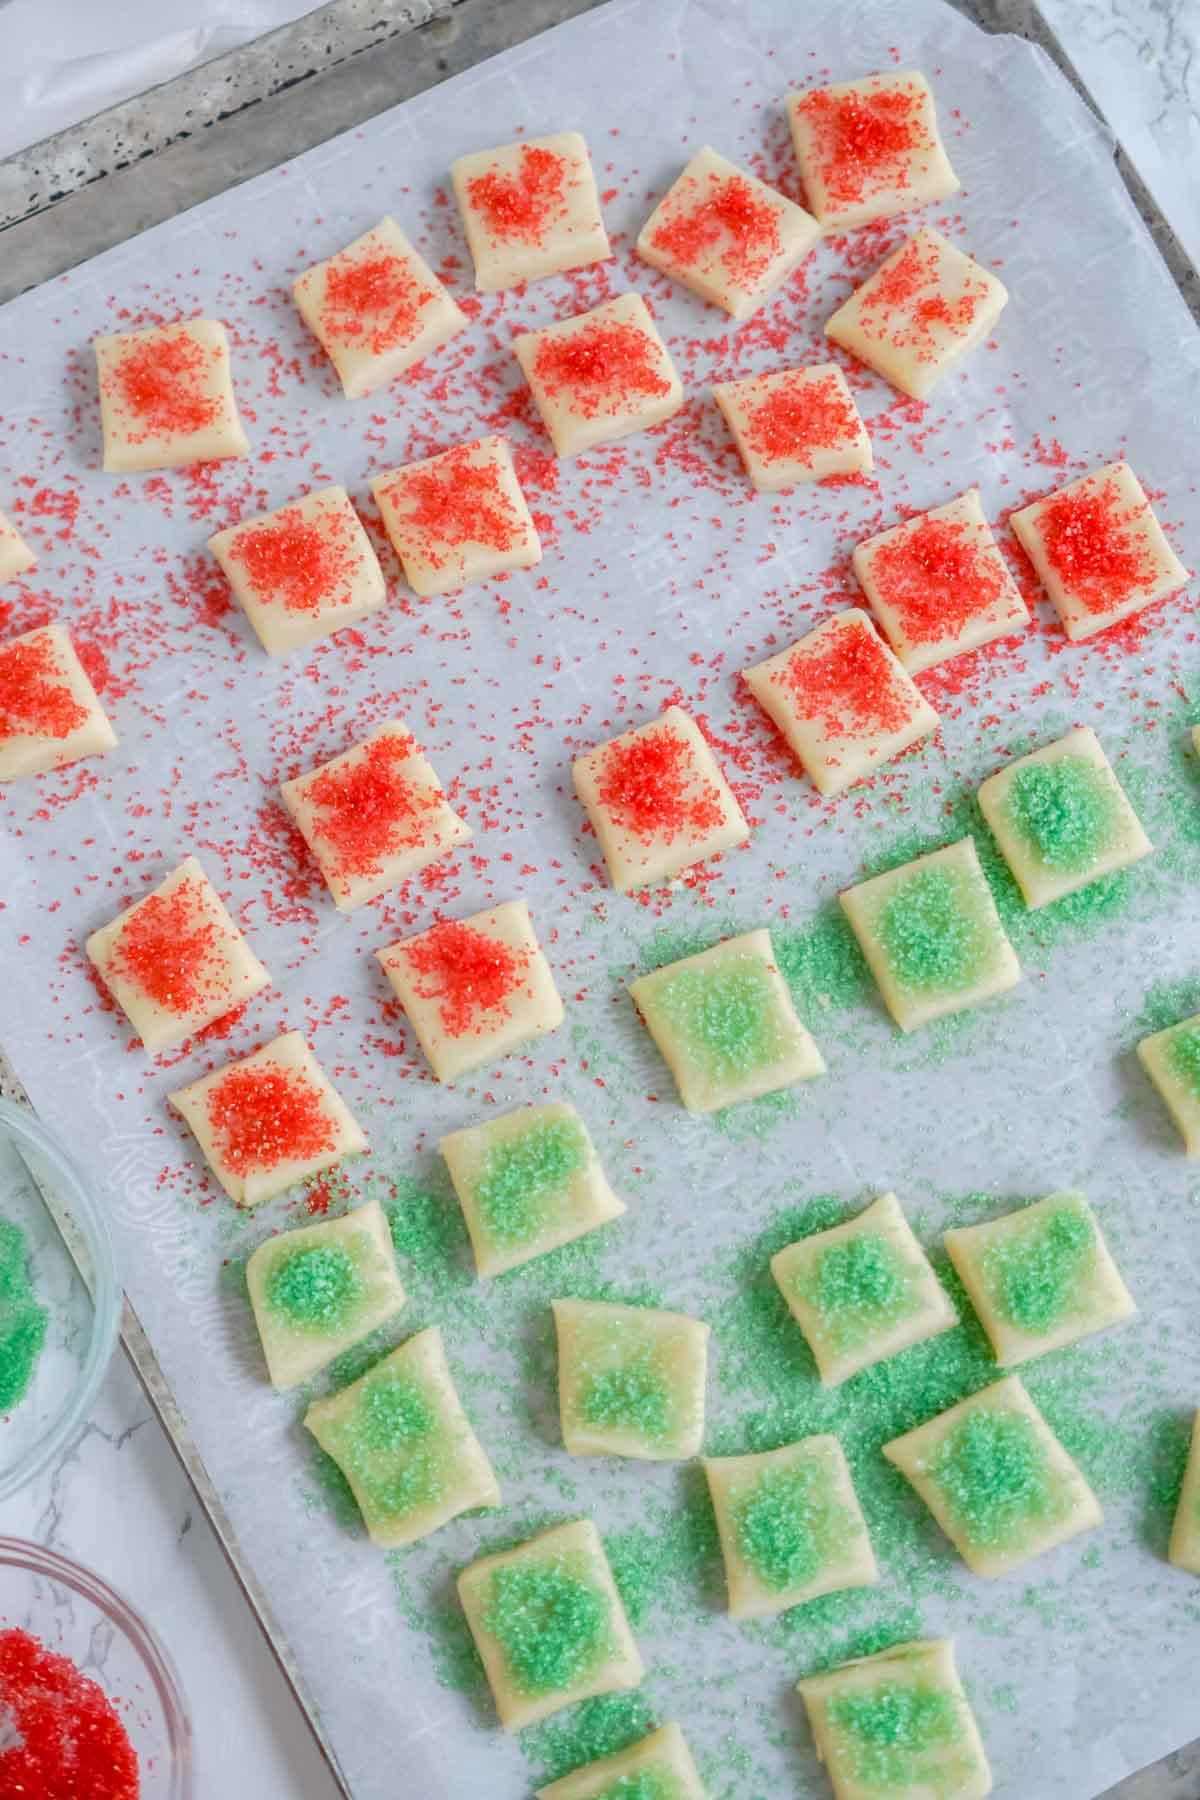 baking sheet full of Christmas sugar cookie bites